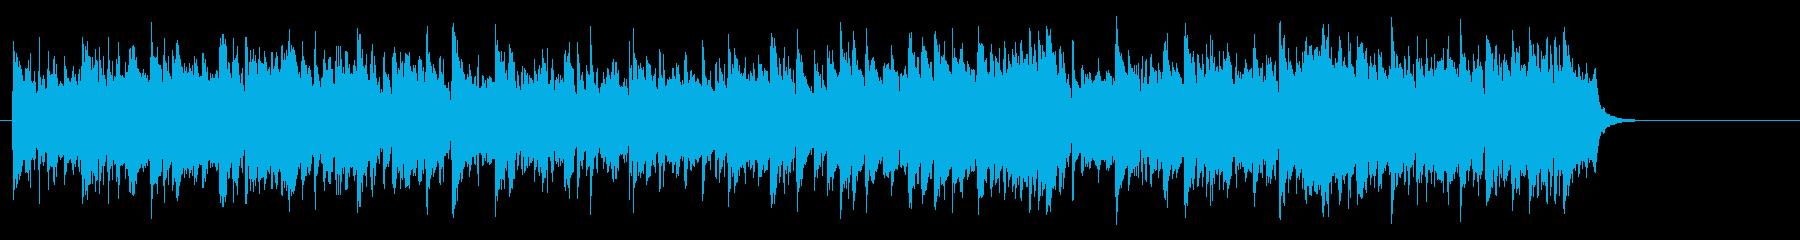 大自然の安らぎのミディアム・バラードの再生済みの波形